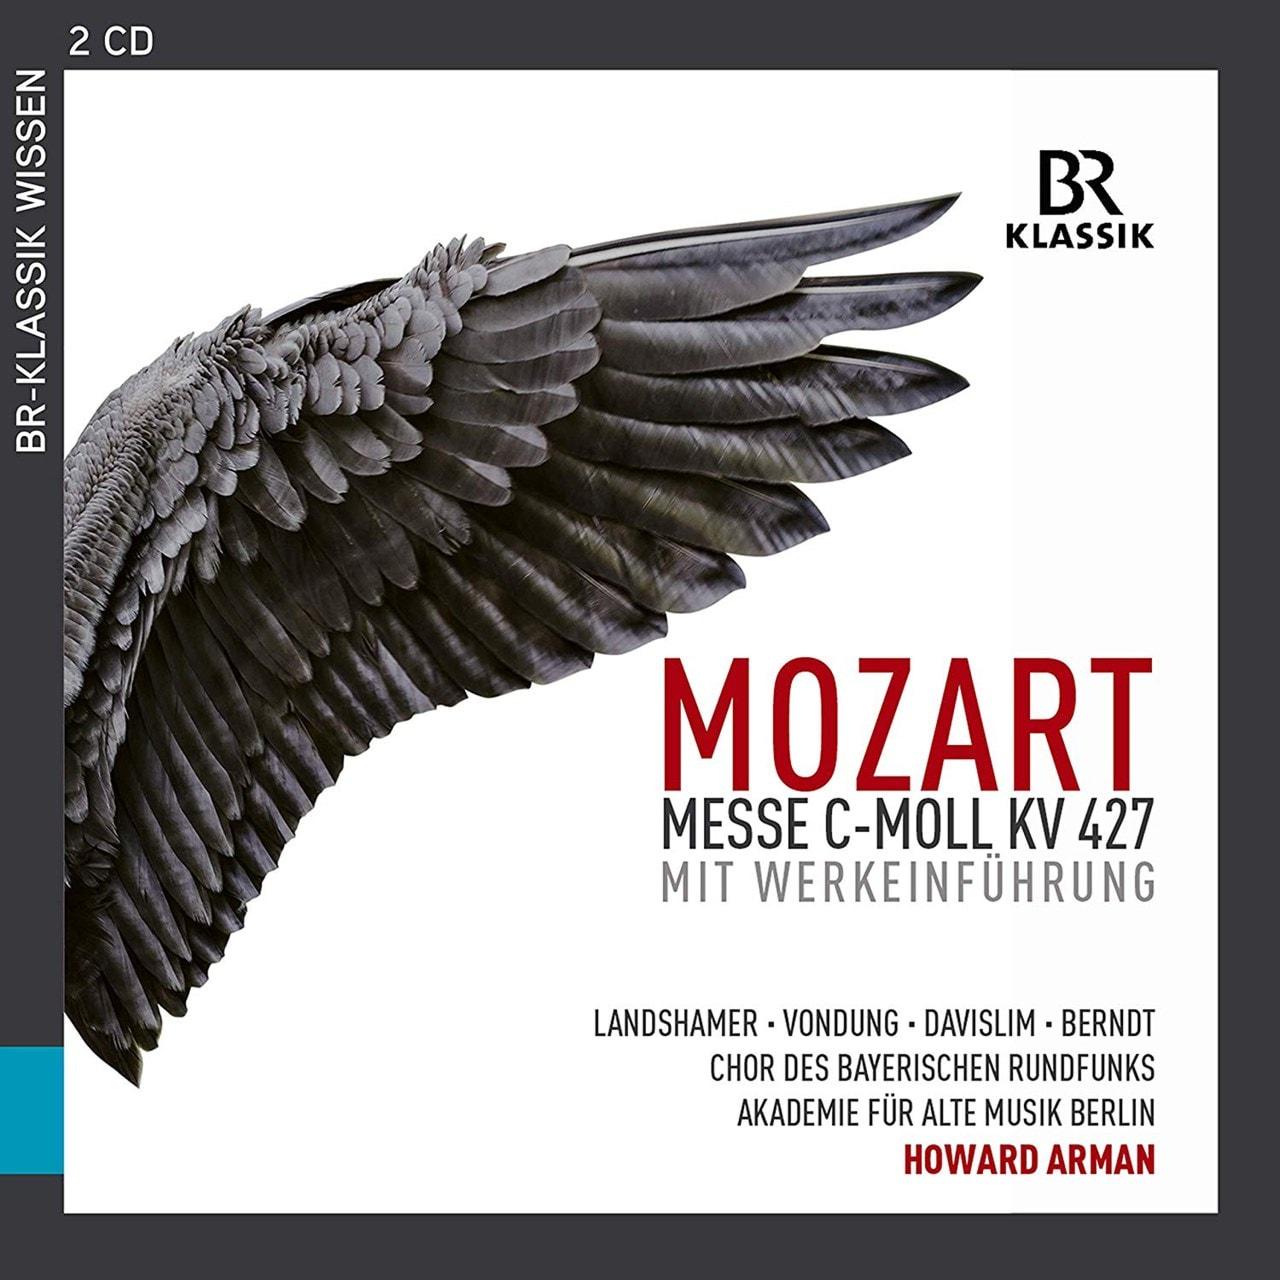 Mozart: Messe C-moll KV427/Mit Werkeinfuhrung - 1